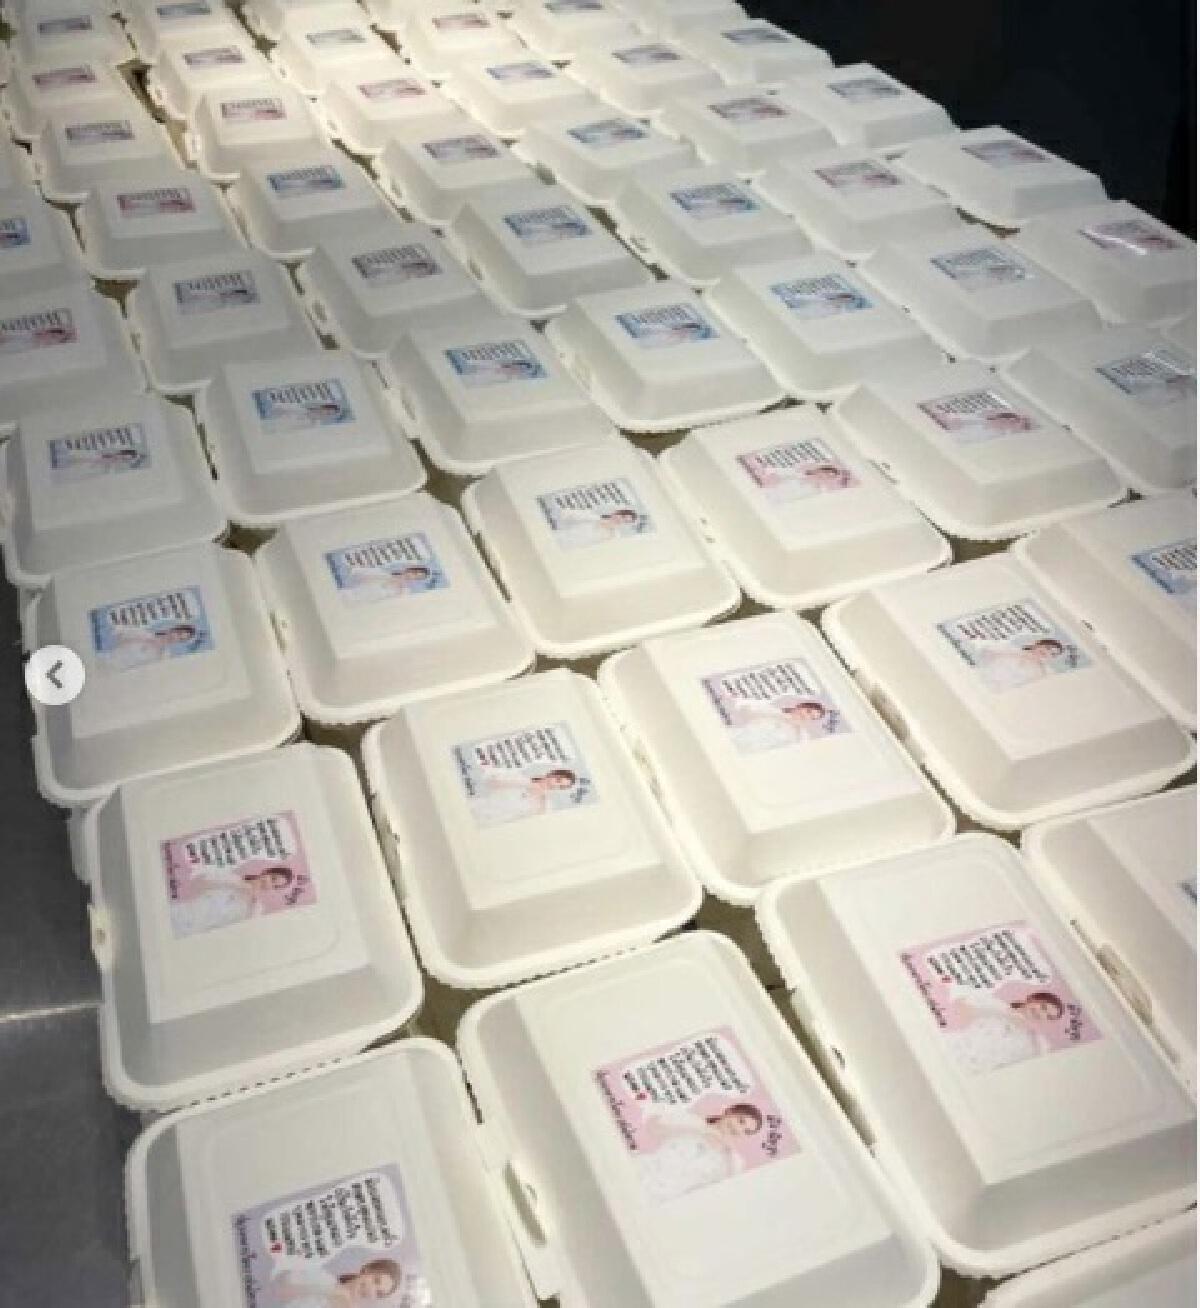 มิว นิษฐา น้ำใจงาม ส่งข้าวหน้าไก่ไข่ข้นให้โรงพยาบาล 200 กล่อง